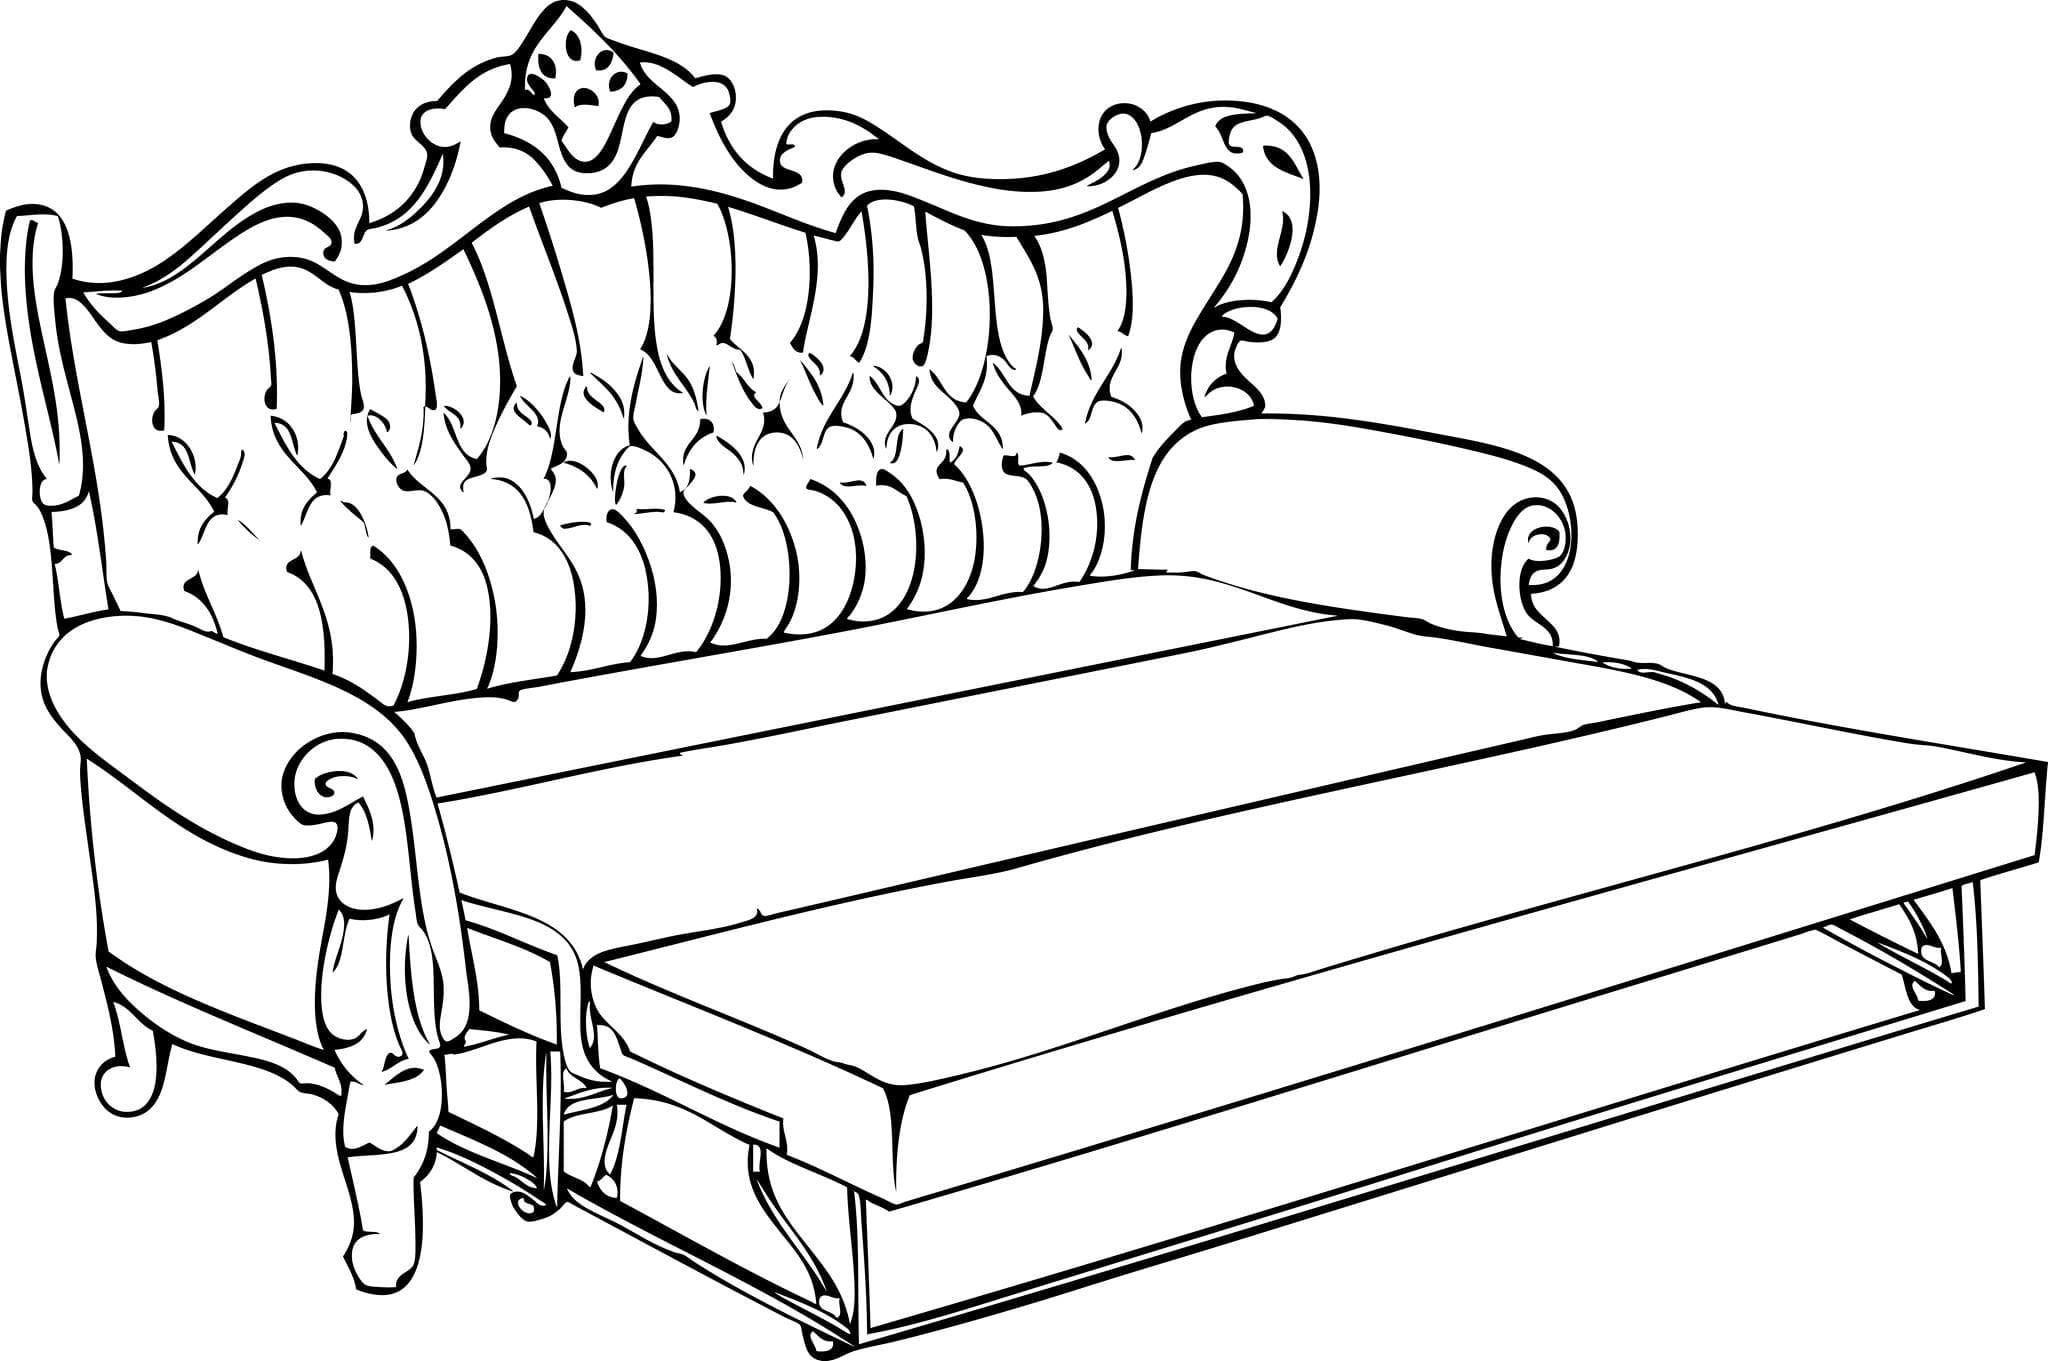 Механизм трансформации дивана — французская раскладушка